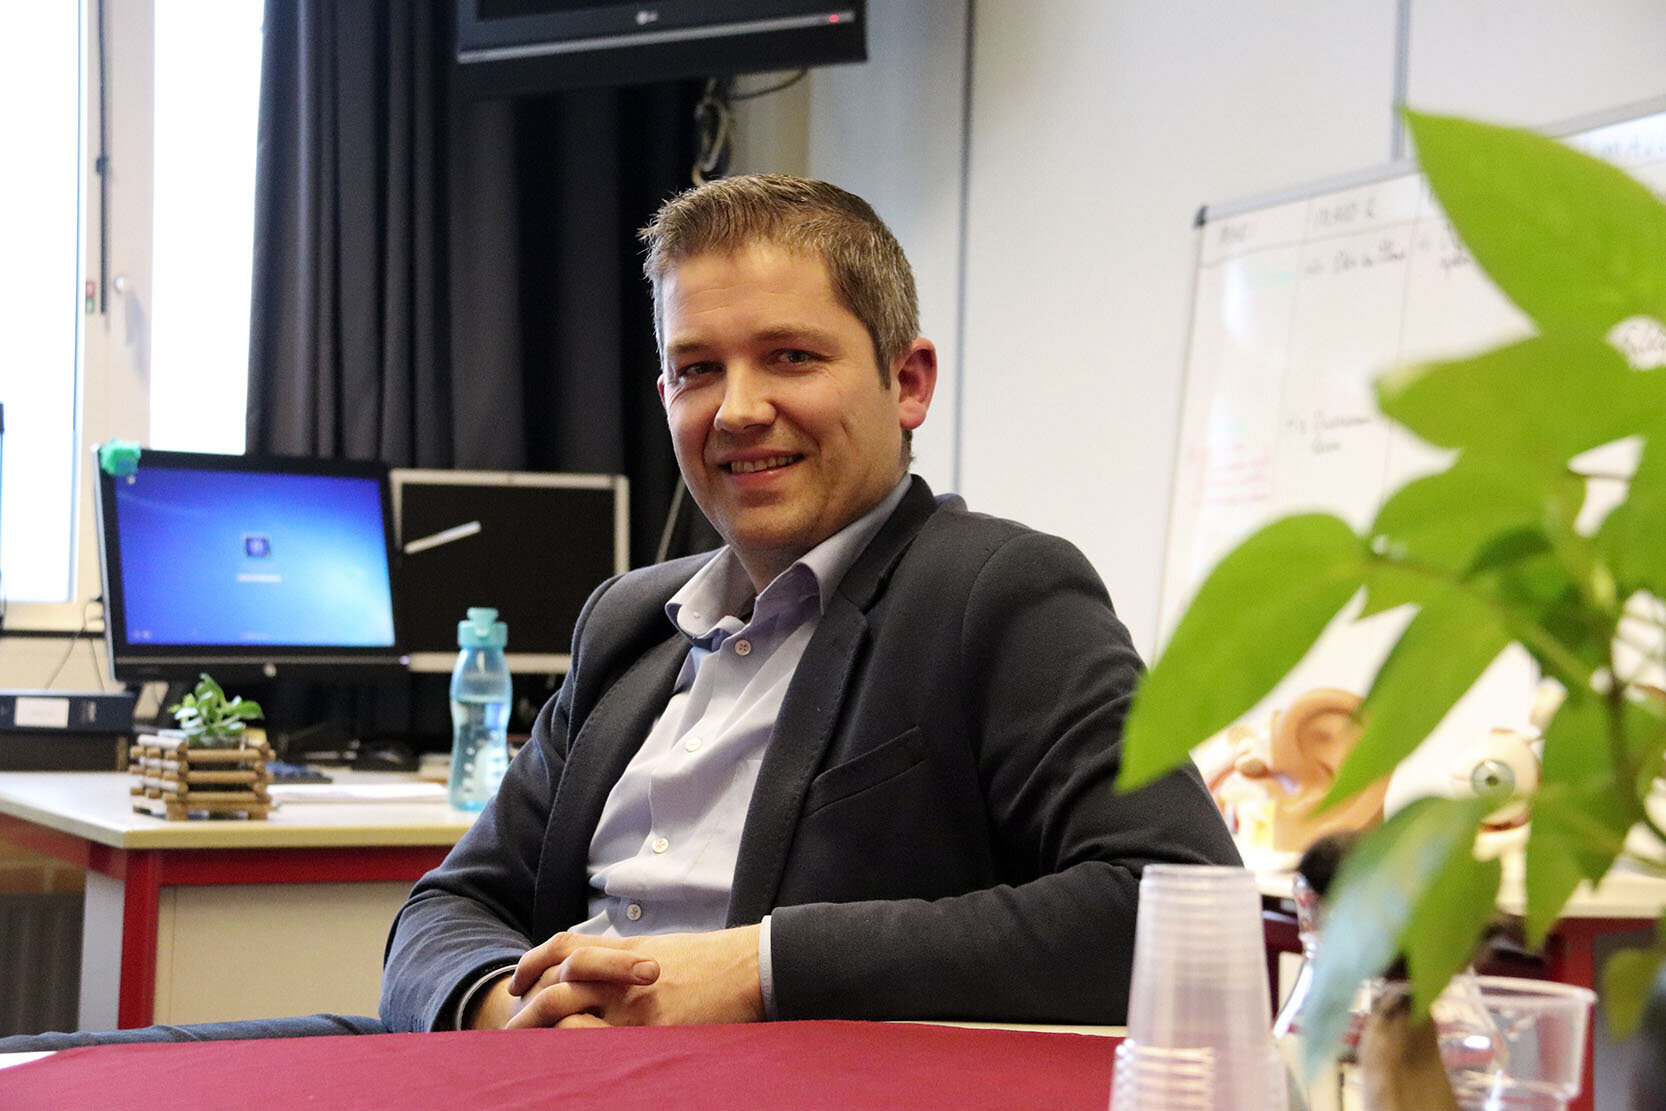 Peter Morren